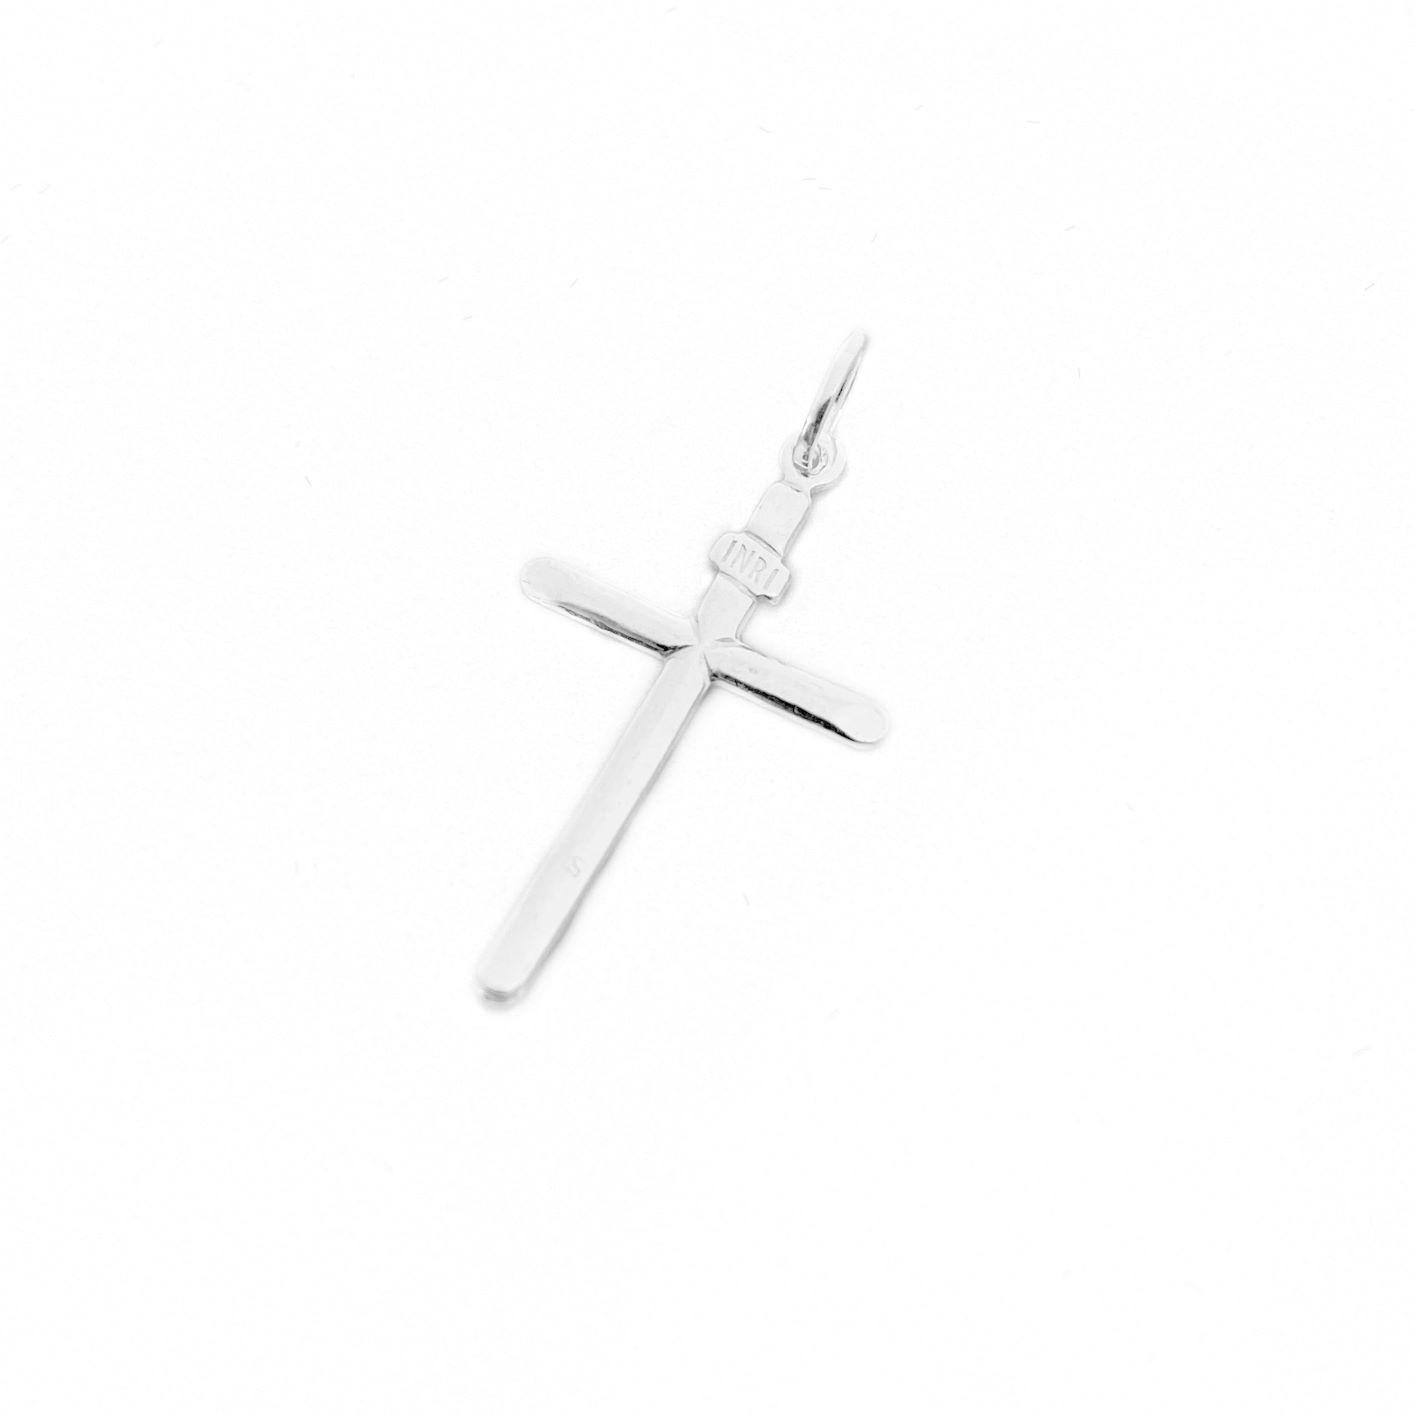 Pingente Crucifixo Inri 2,8cm x 1,6cm (Prata 925 Italiana)